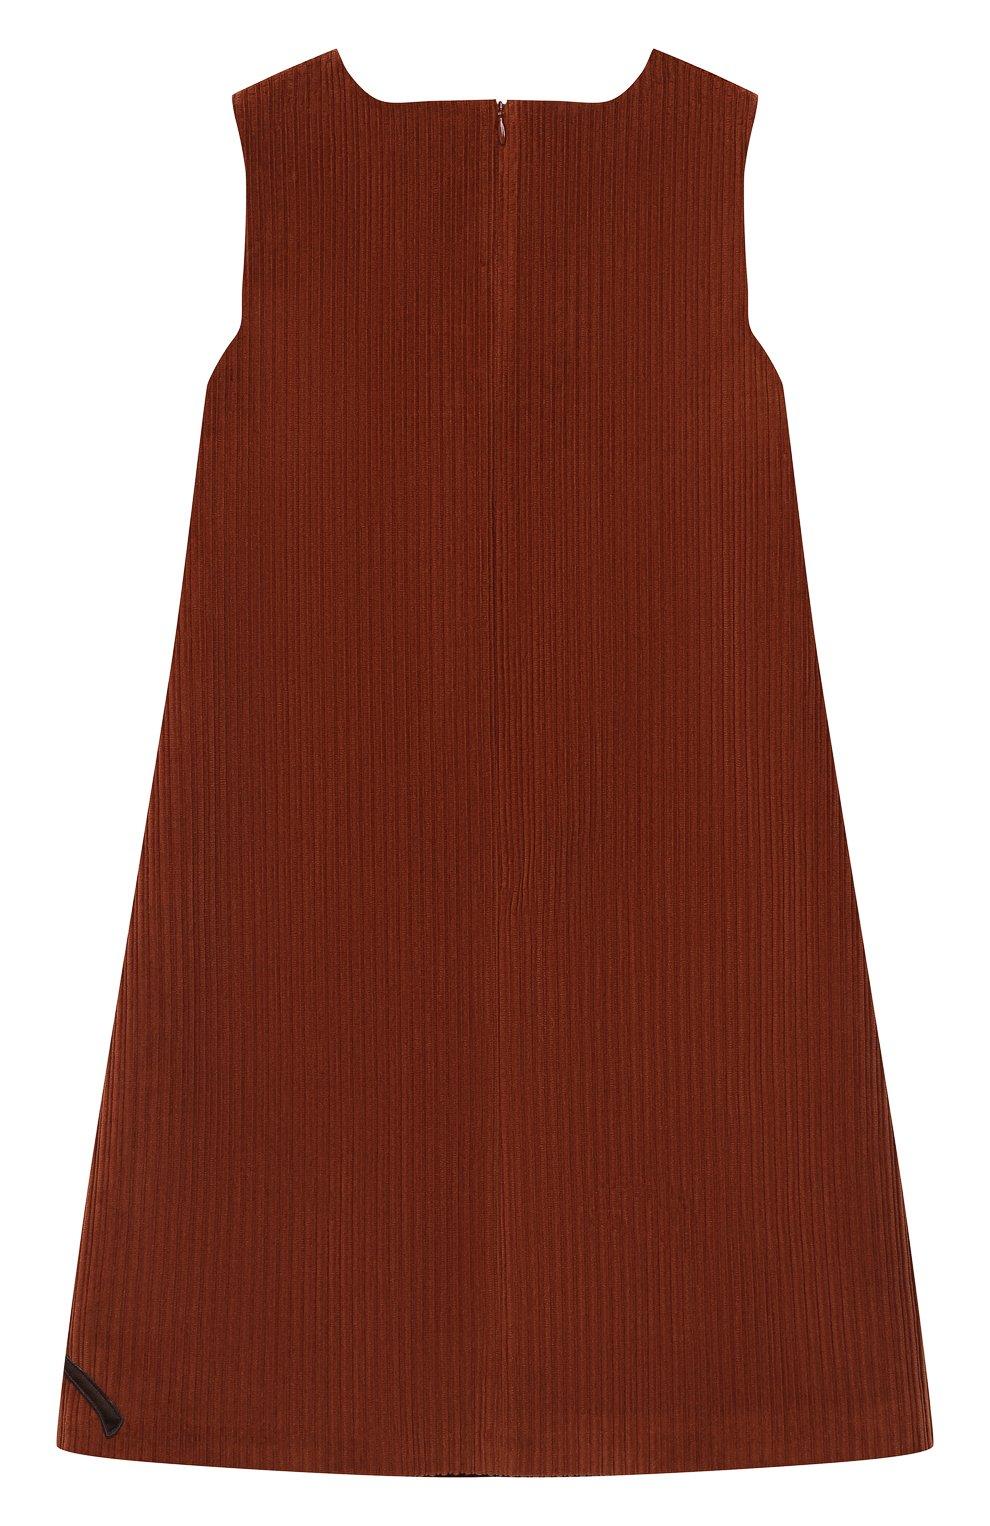 Детское хлопковое платье DOLCE & GABBANA коричневого цвета, арт. L52D04/FUWDB/8-14 | Фото 2 (Рукава: Короткие; Случай: Повседневный; Материал внешний: Хлопок; Девочки Кросс-КТ: Платье-одежда; Материал подклада: Вискоза)